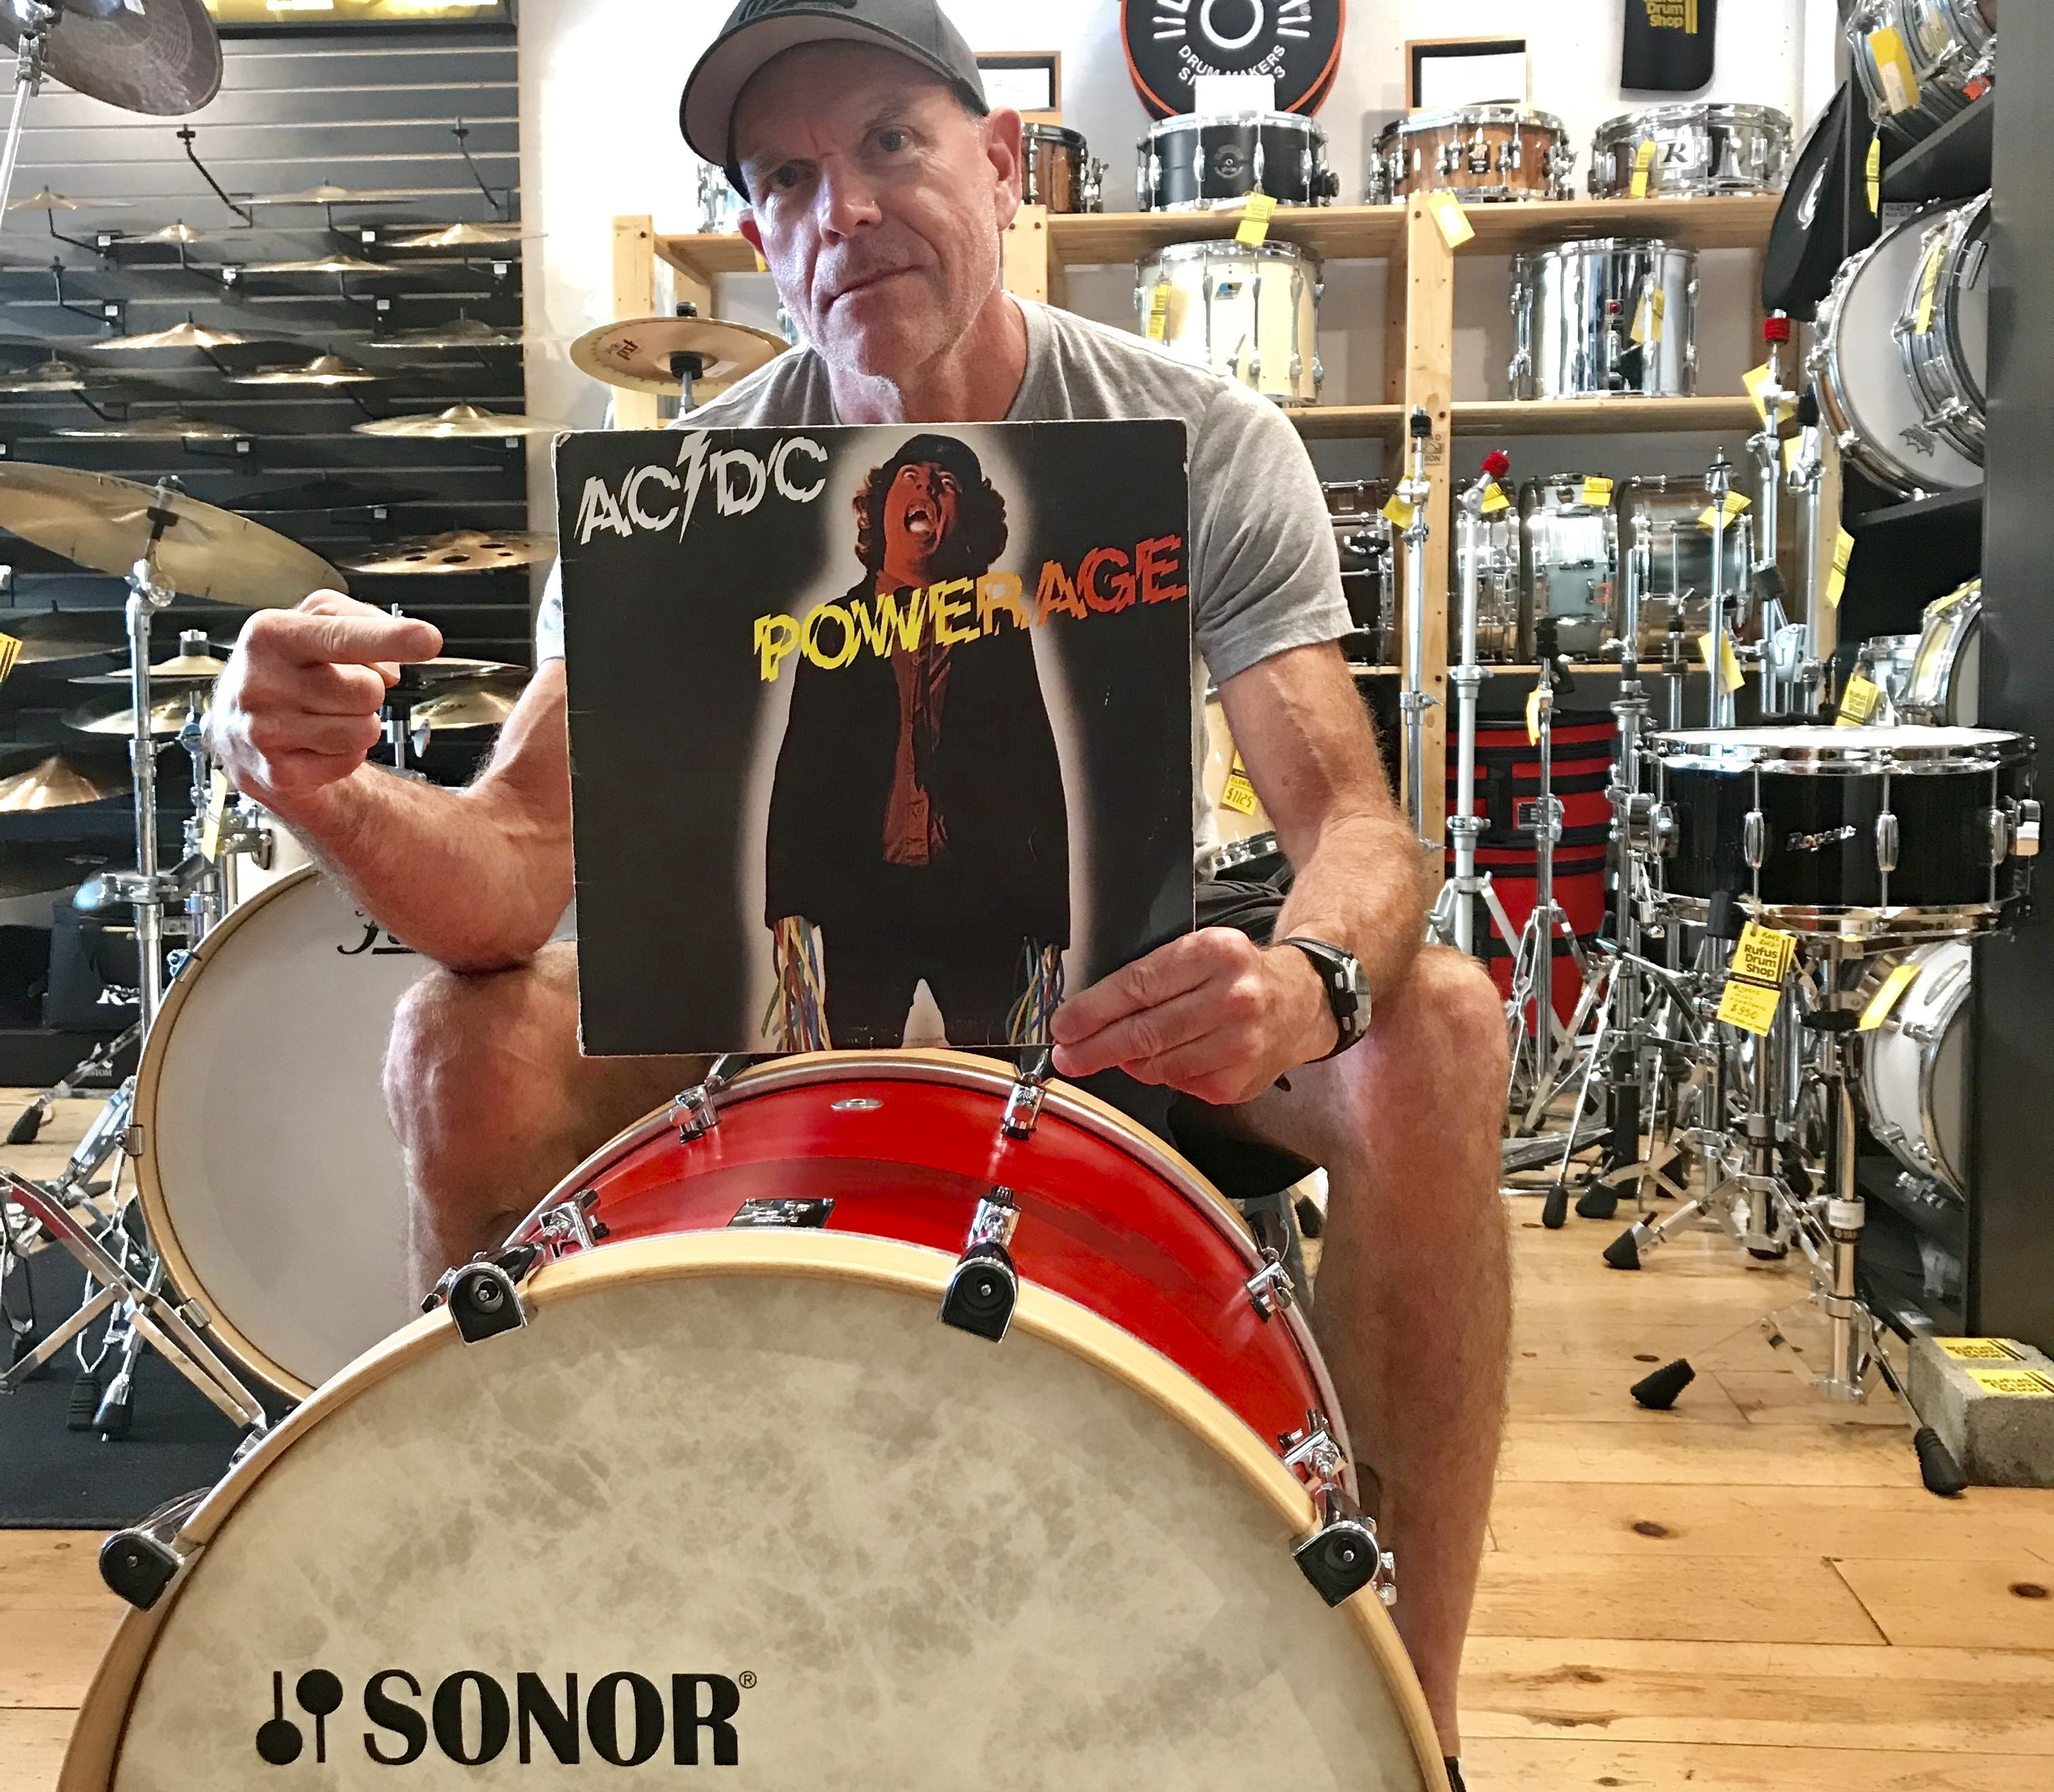 rufus drum shop